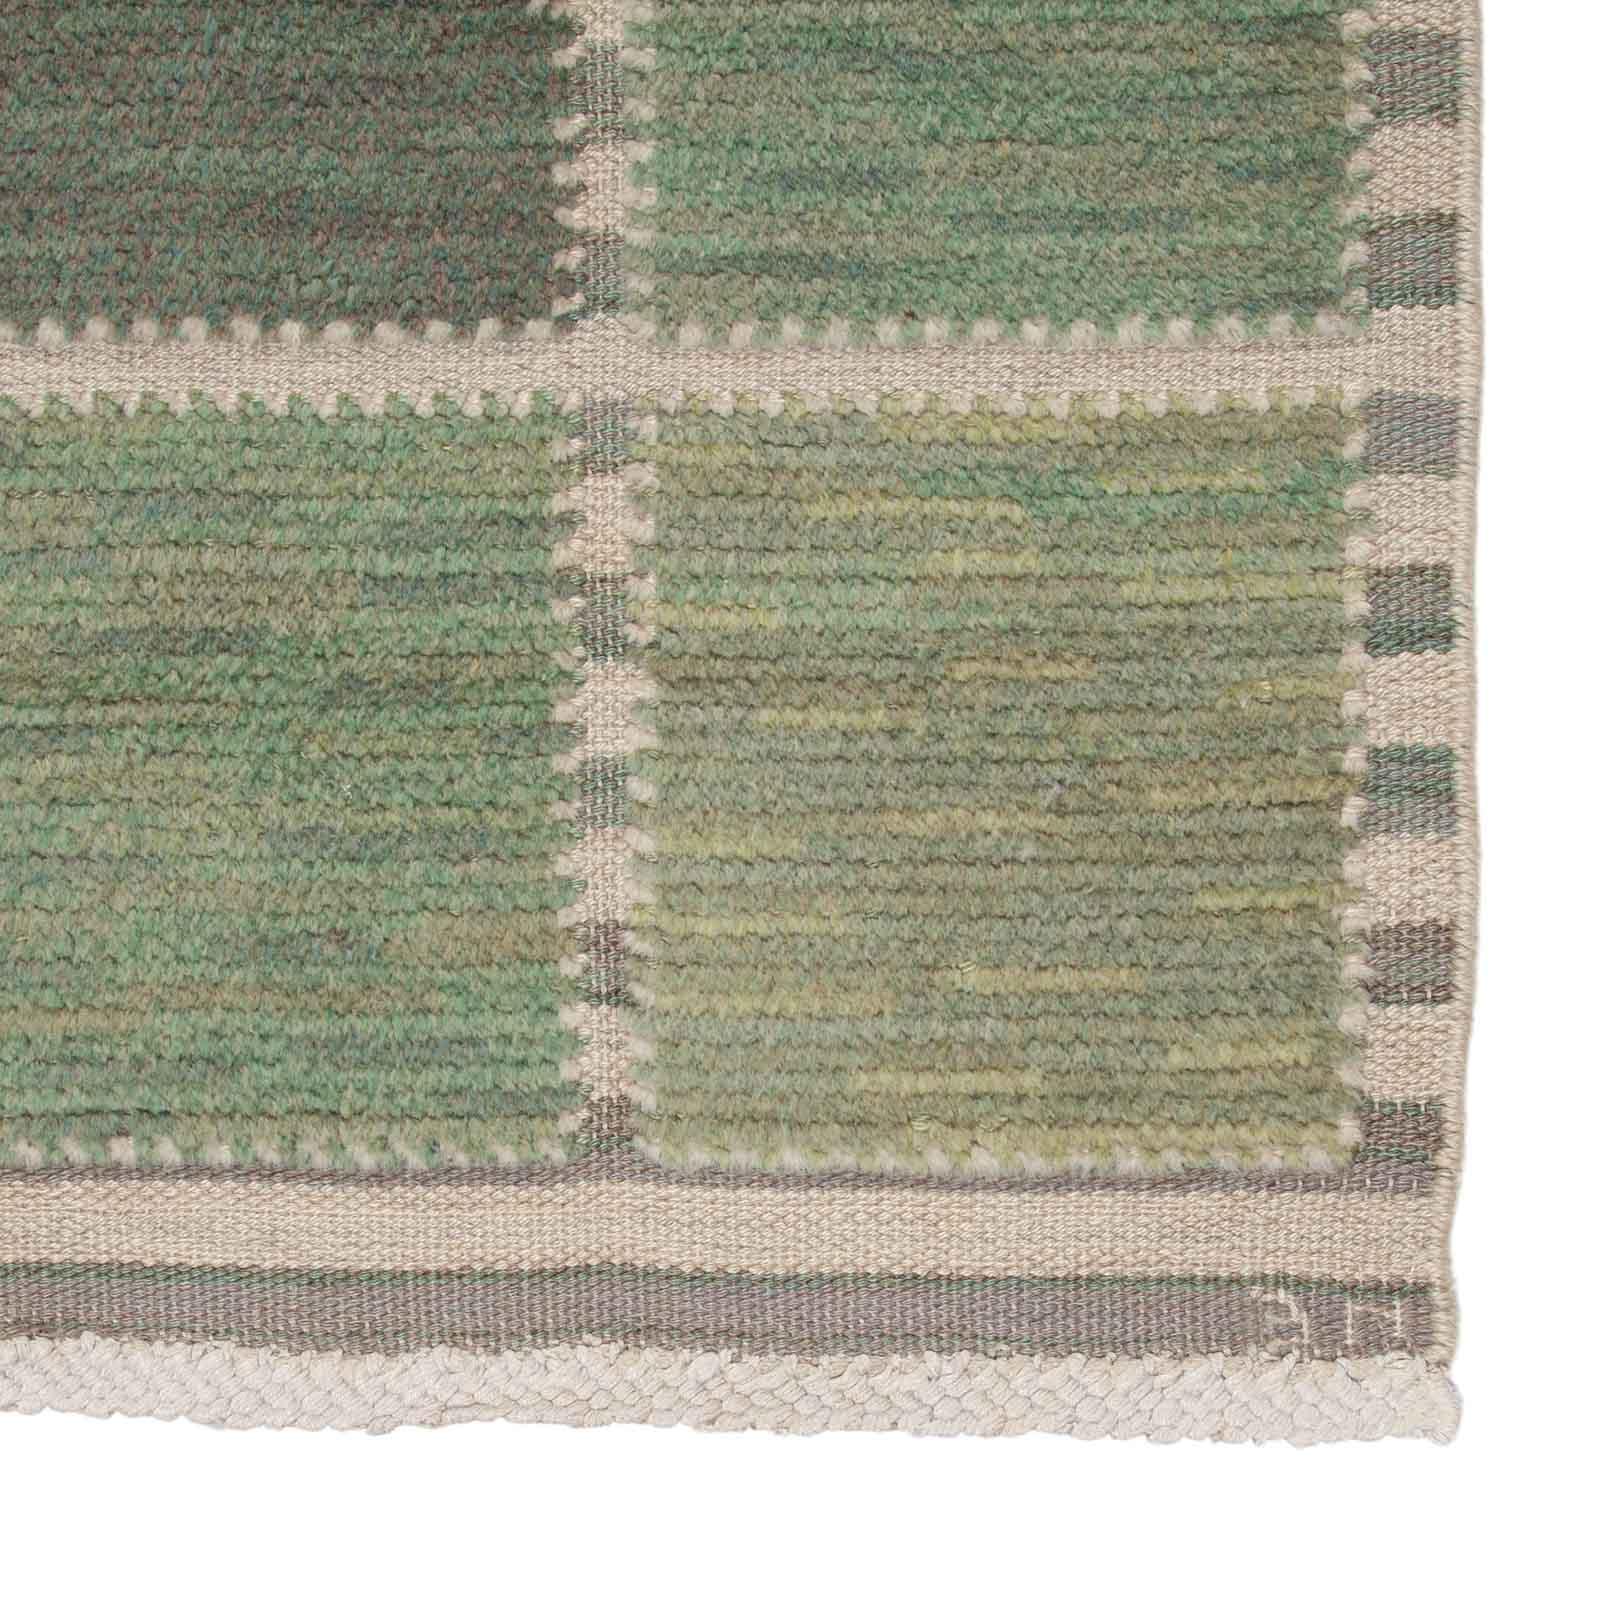 A rug, 'Gyllenrutan, grön'